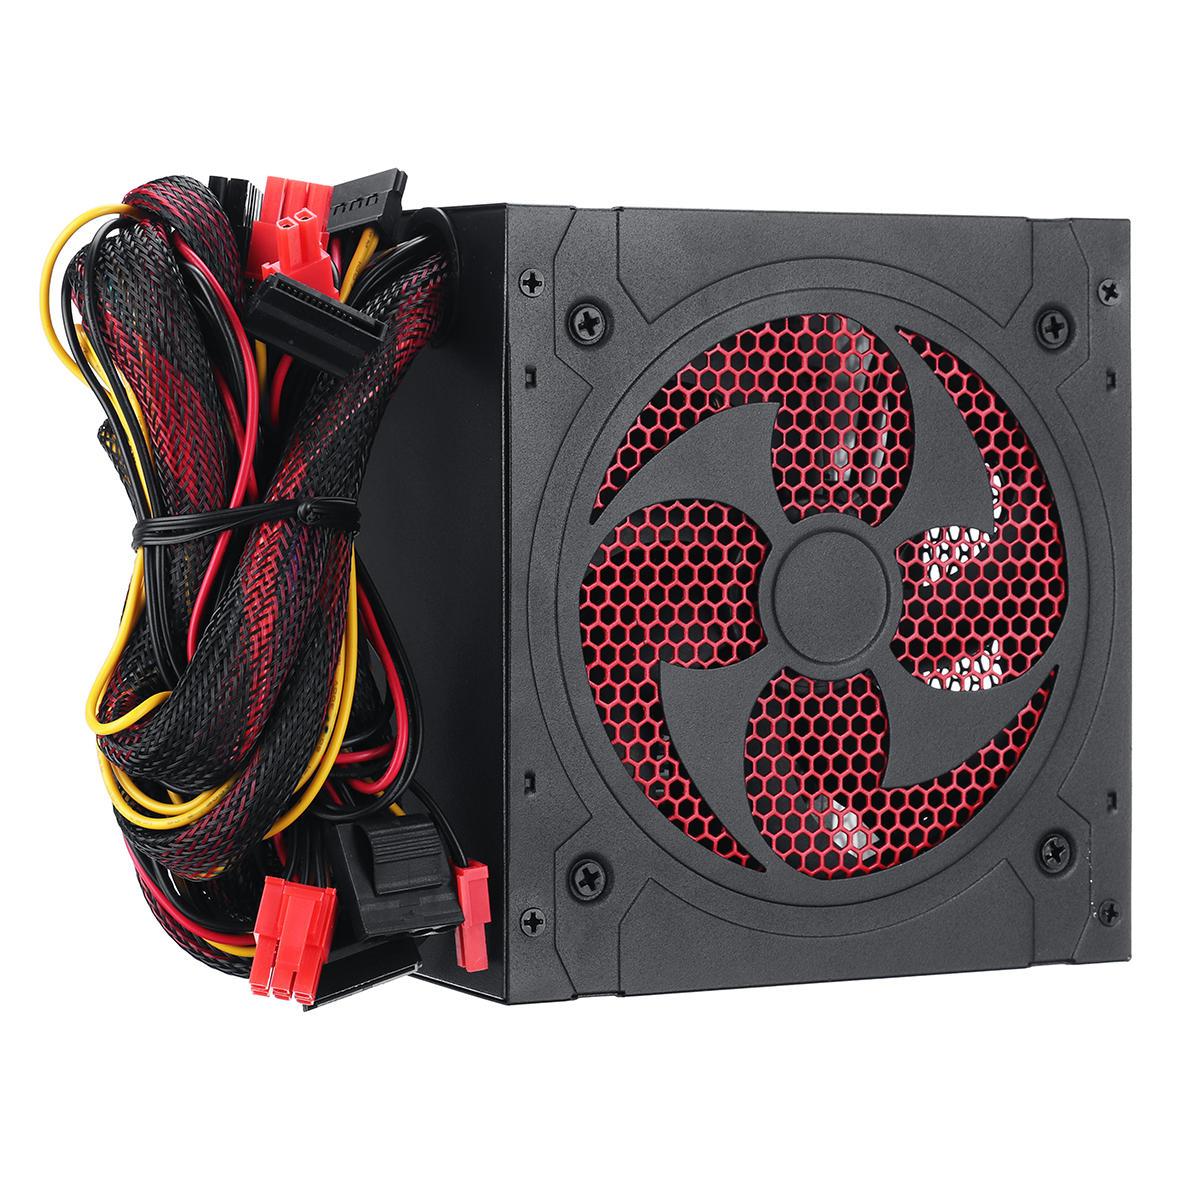 1000W PC silencioso fonte de alimentação jogos PCI SATA ATX 12V 2,31 LED computador ventilador